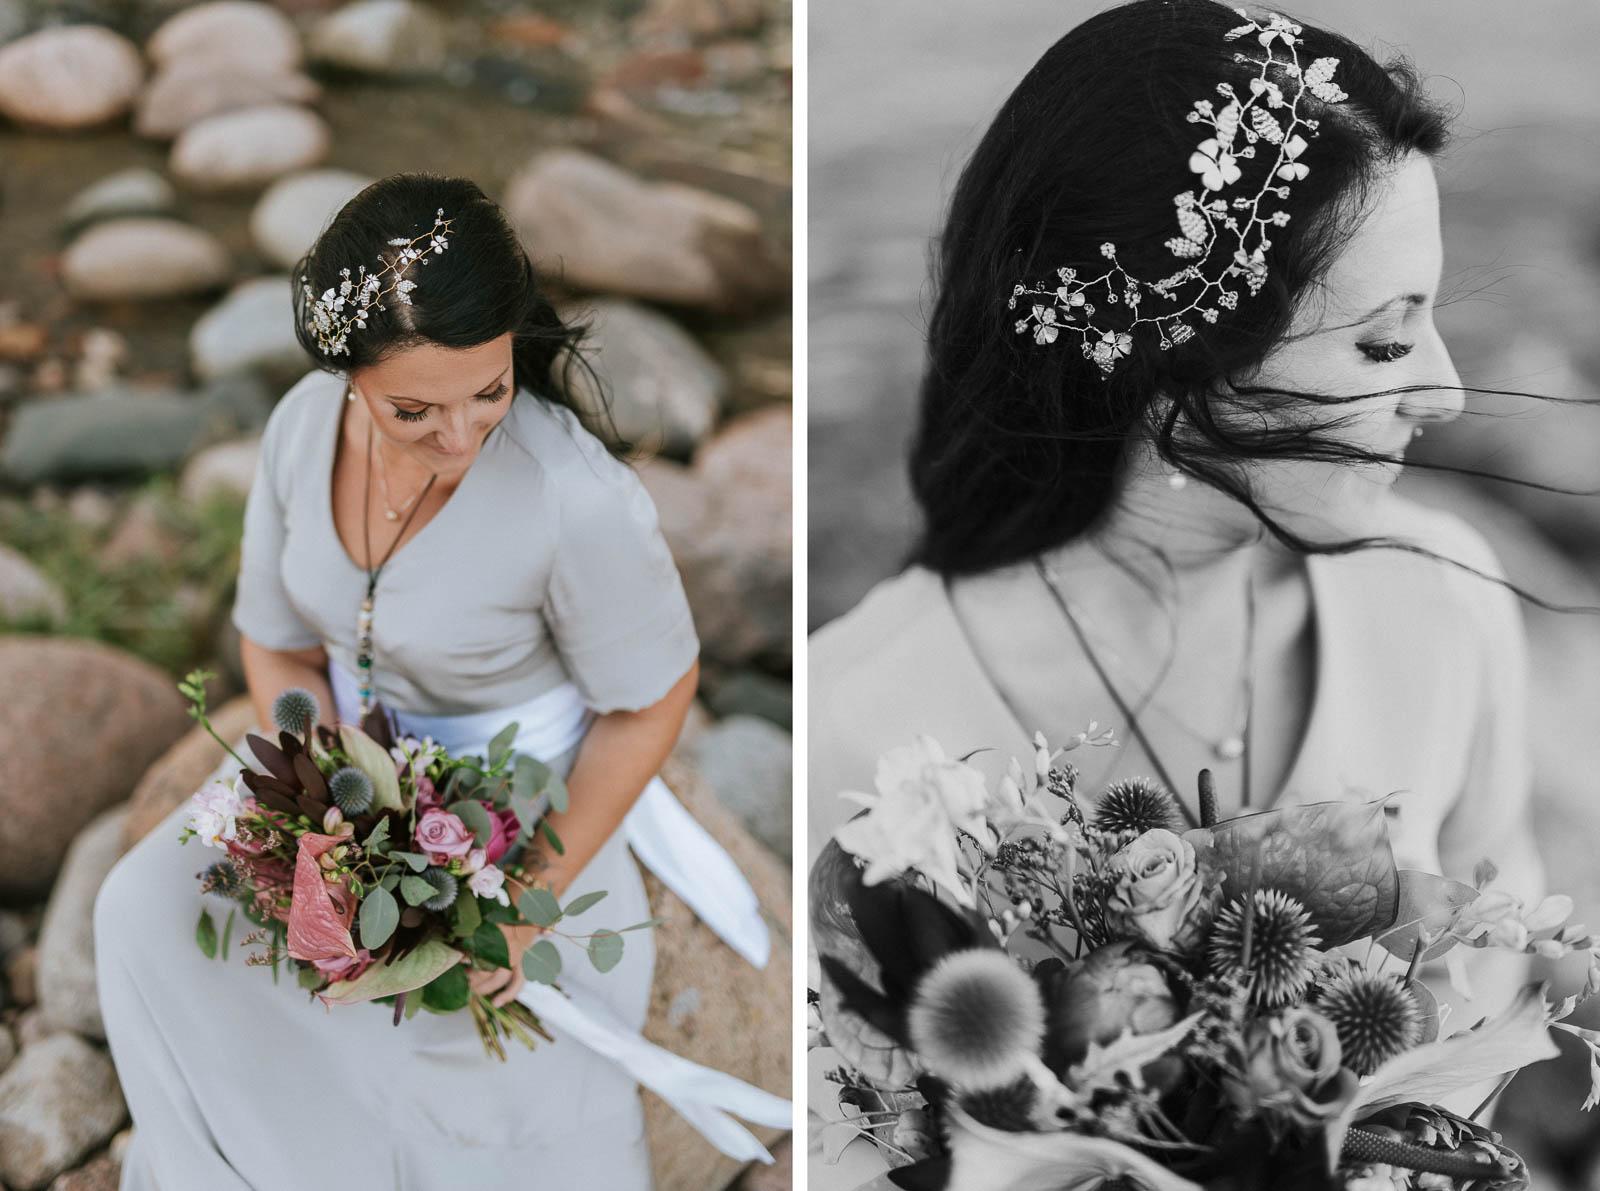 mari-liis-rannes-wedding-pulm-pulmafotograaf-mait-juriado-14